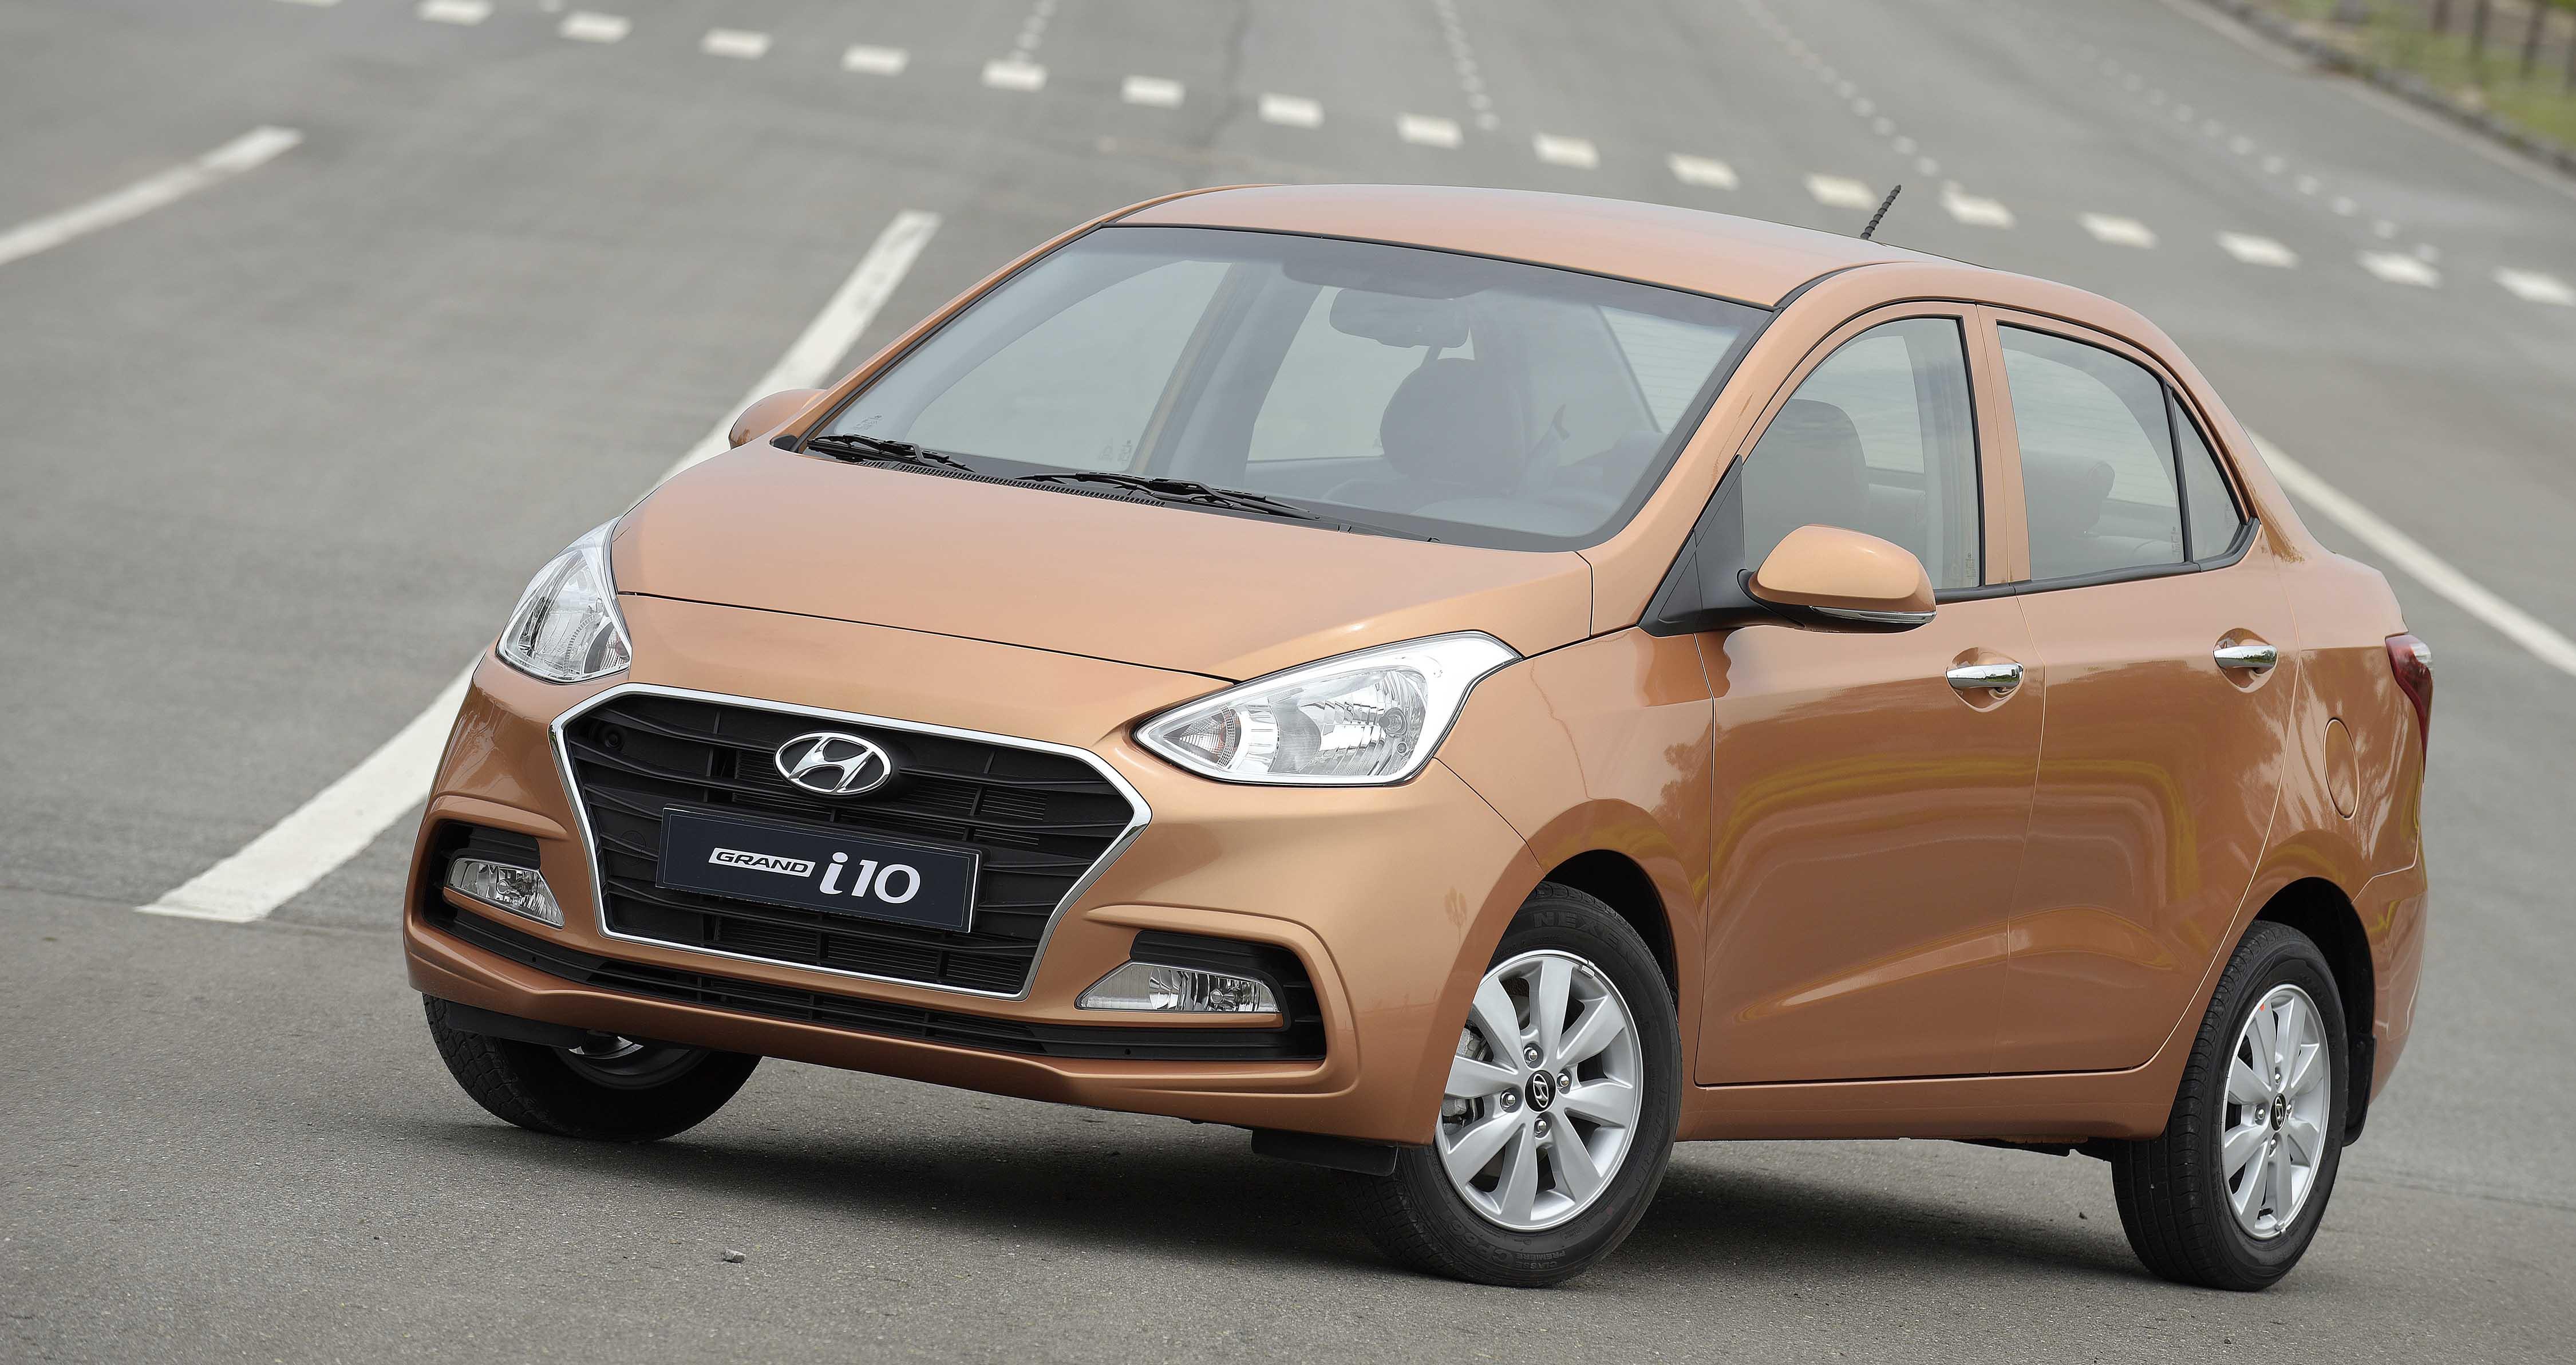 Tư vấn mua ô tô: Những mẫu xe cỡ nhỏ giá chỉ khoảng 400 triệu đồng